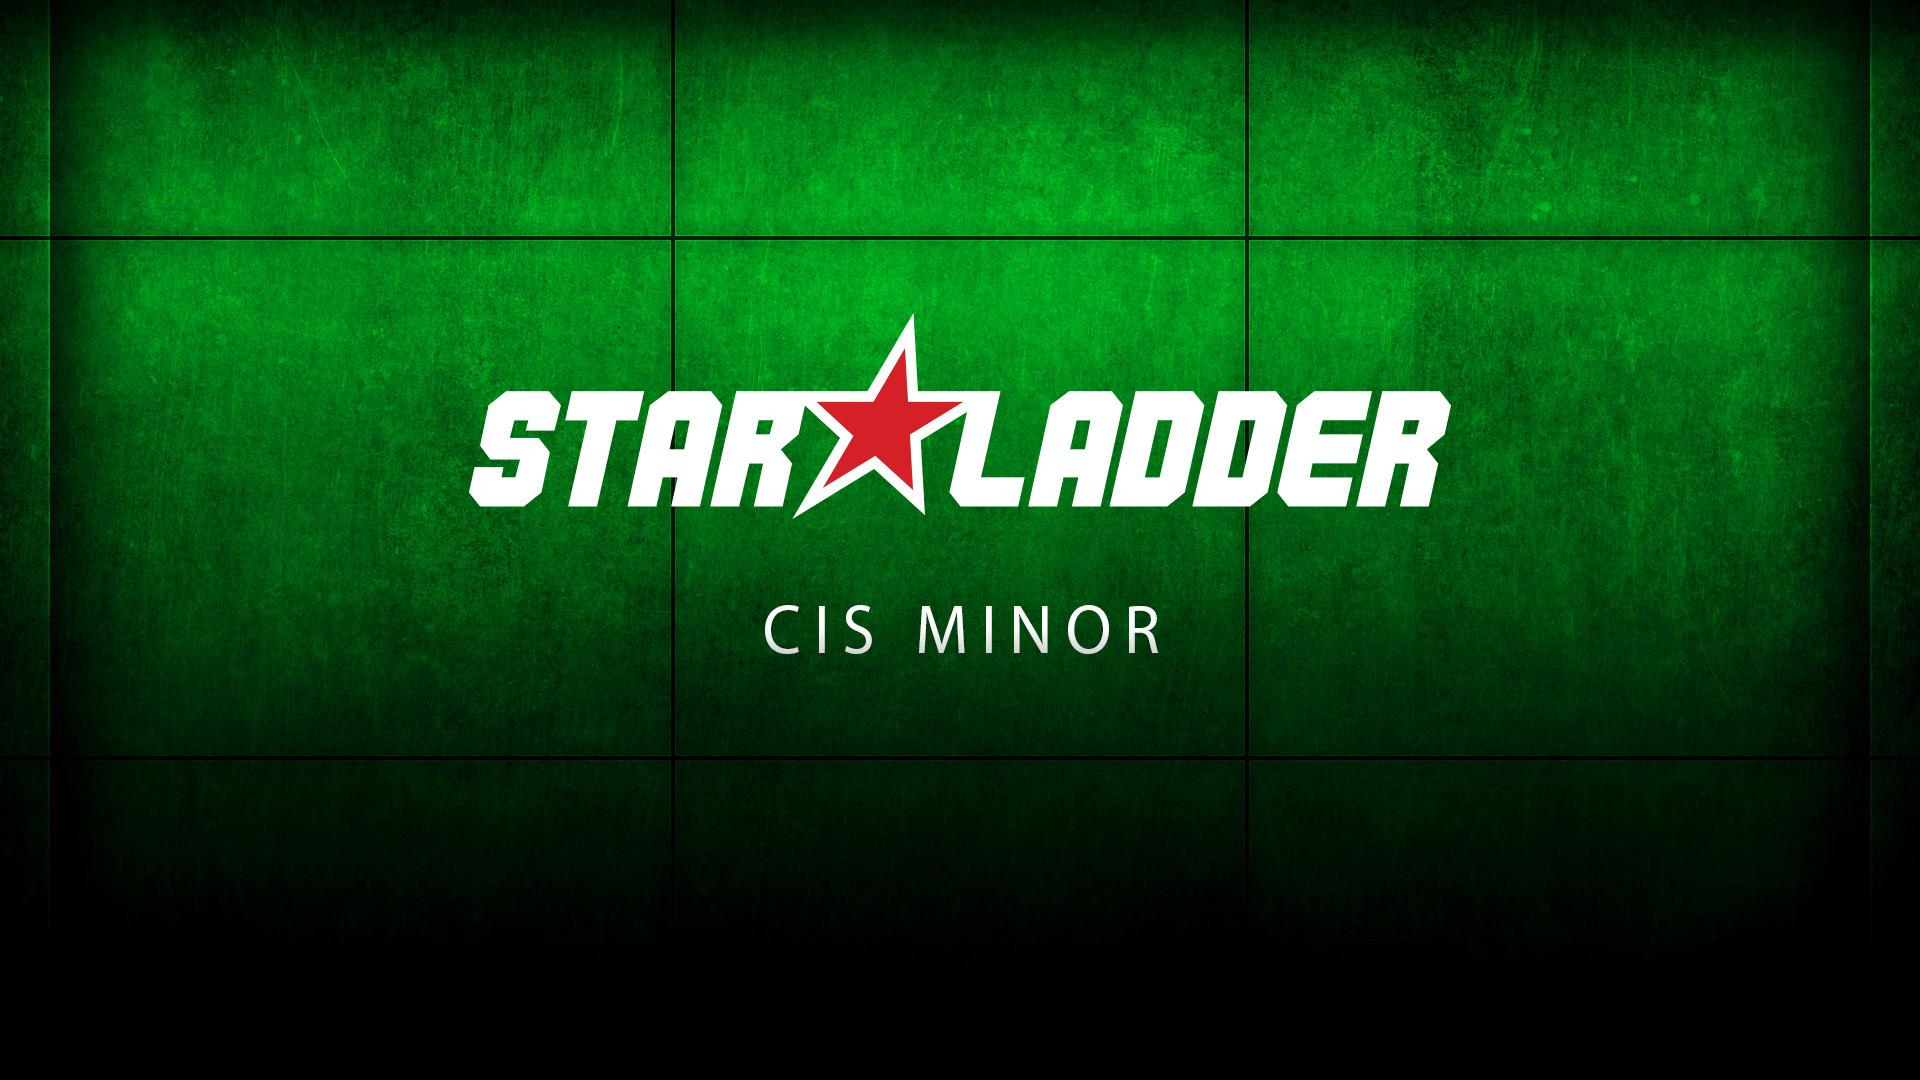 Starladder Minor CIS : La preview